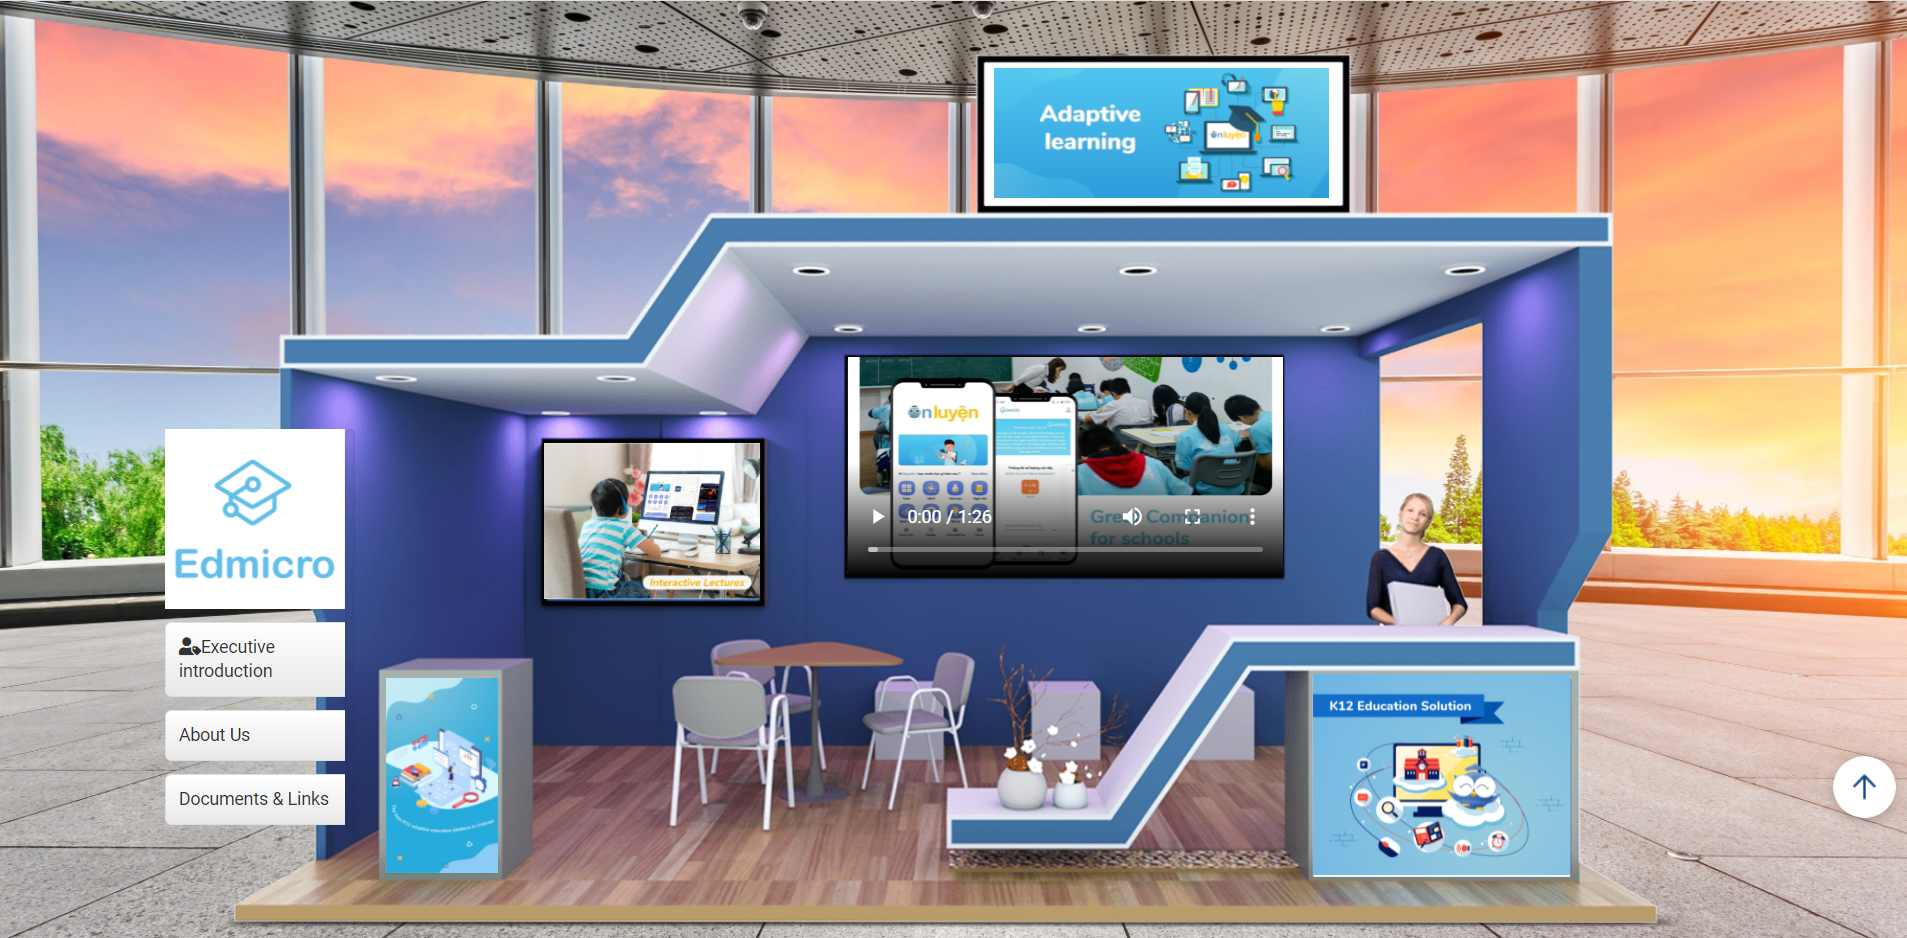 ITU Digital World 2021: Edmicro trình diễn nền tảng giáo dục thông minh Onluyen.vn